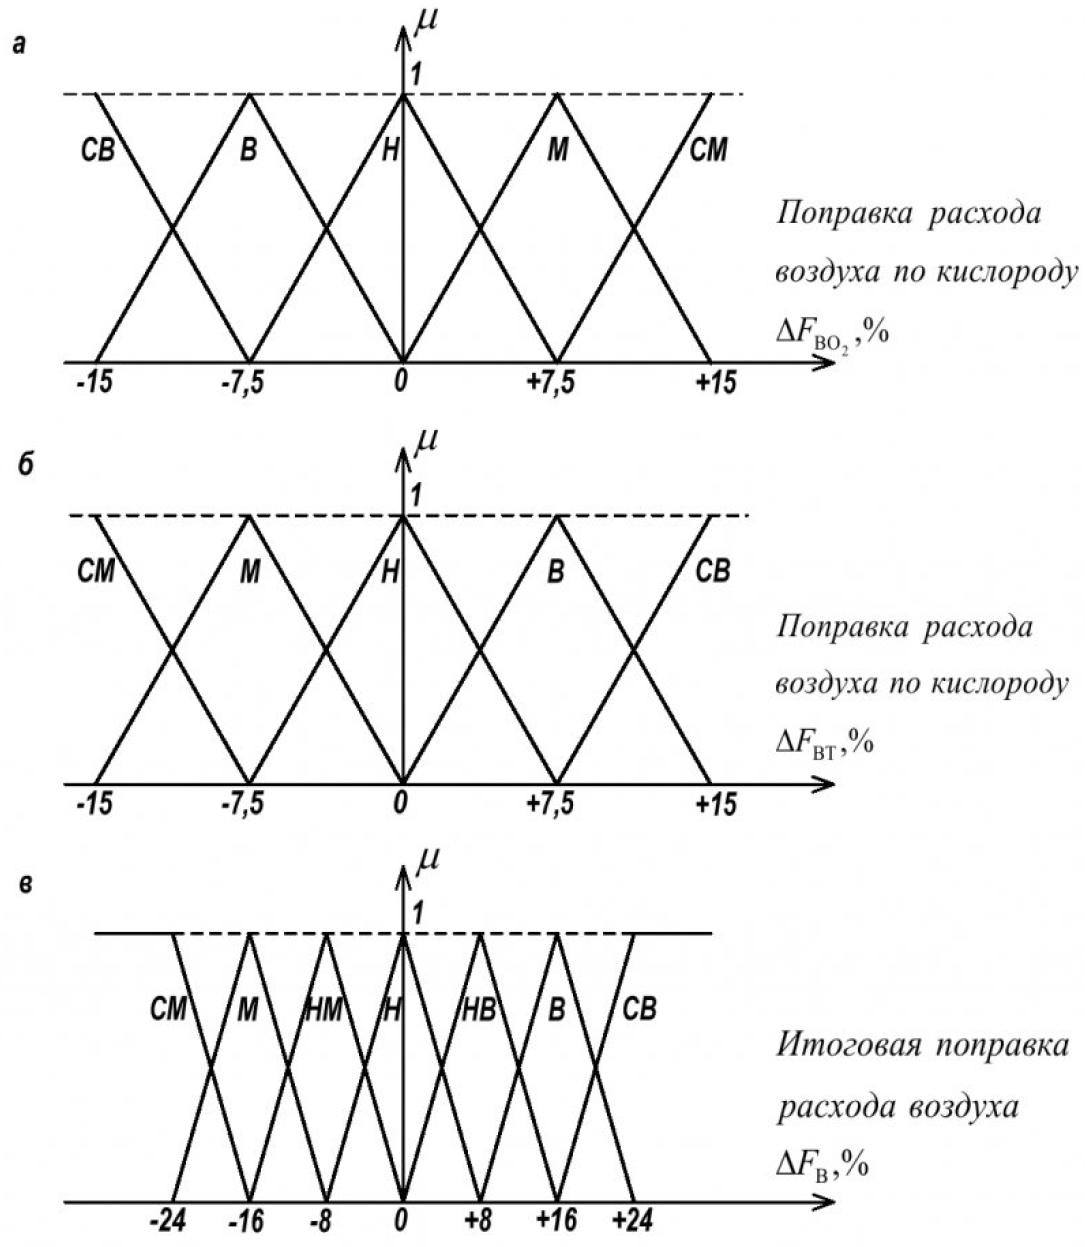 Рисунок 6 – Функции принадлежности поправок расхода воздуха по кислороду (а), по топливу (б) и итоговая поправка (в)